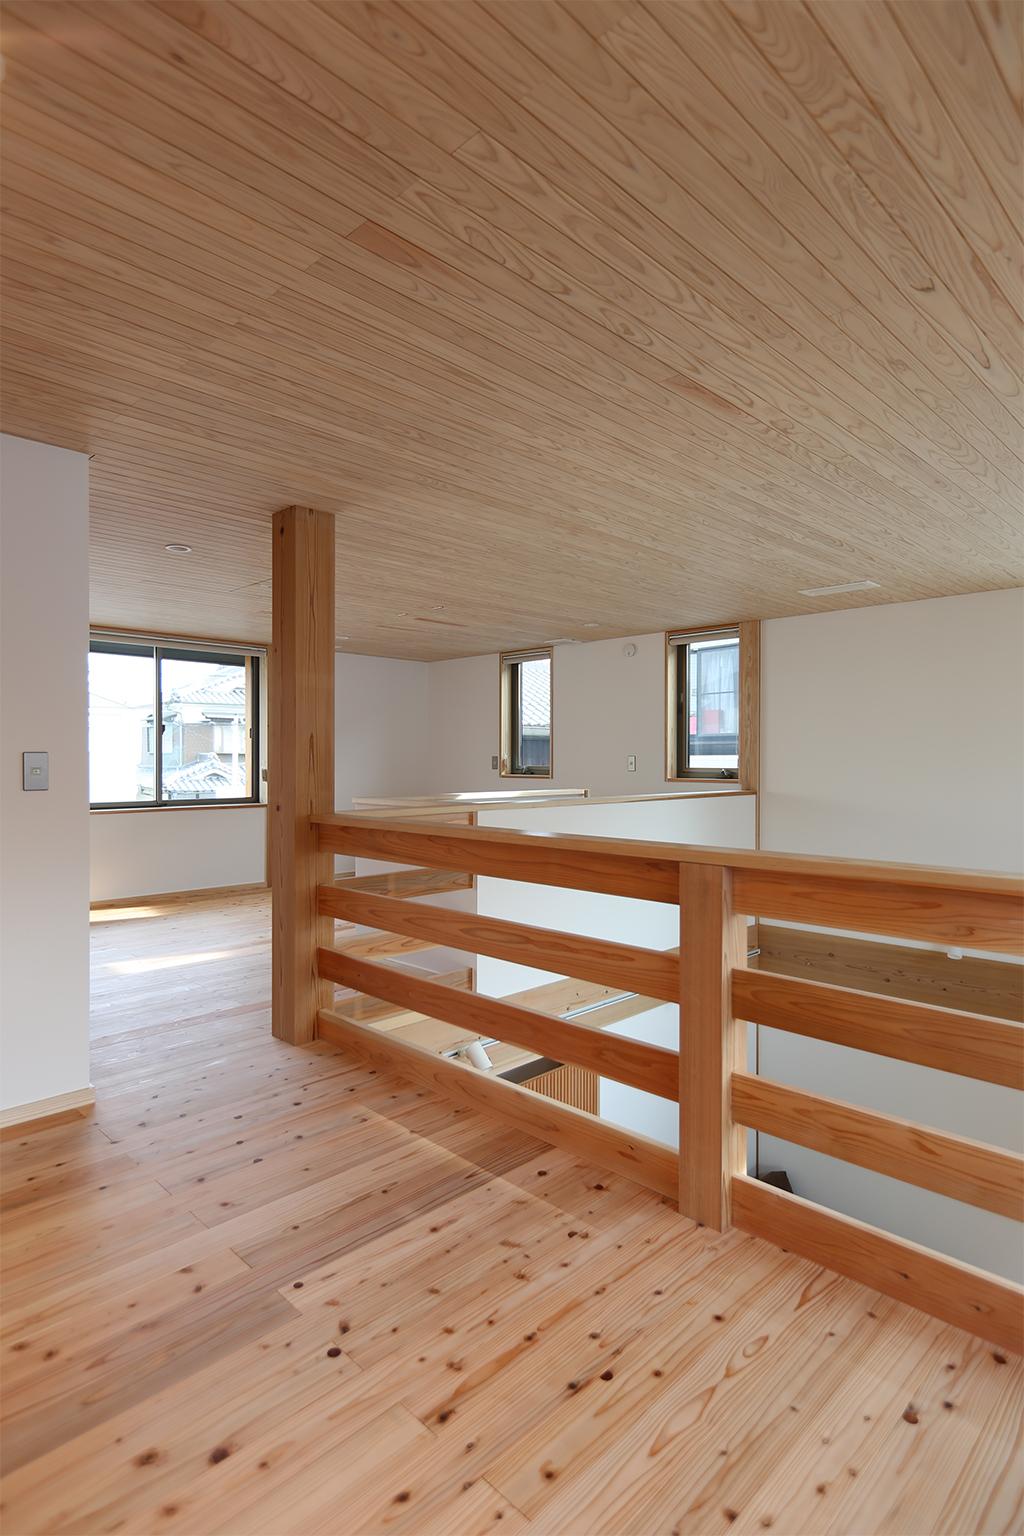 高砂市の木の家 2階のセカンドリビングとフリールーム